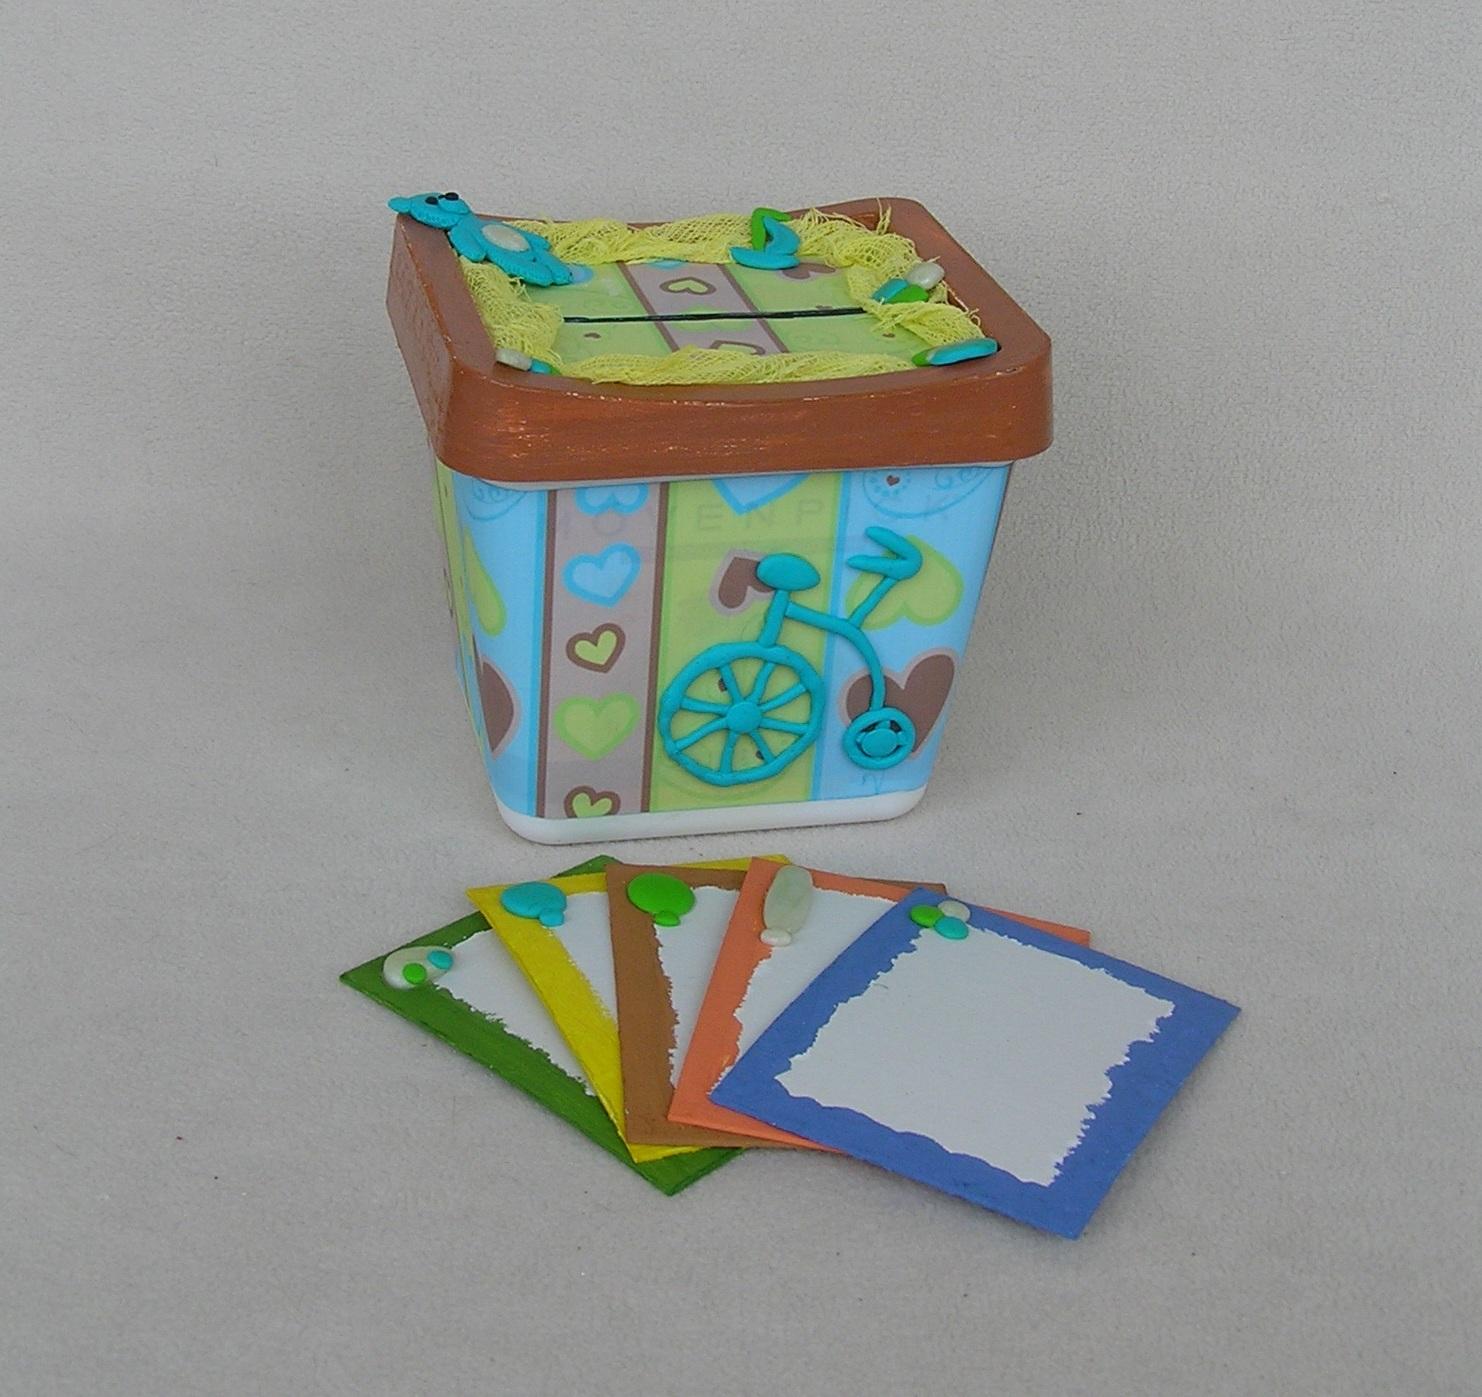 Как сделать коробку копилку своими руками 53